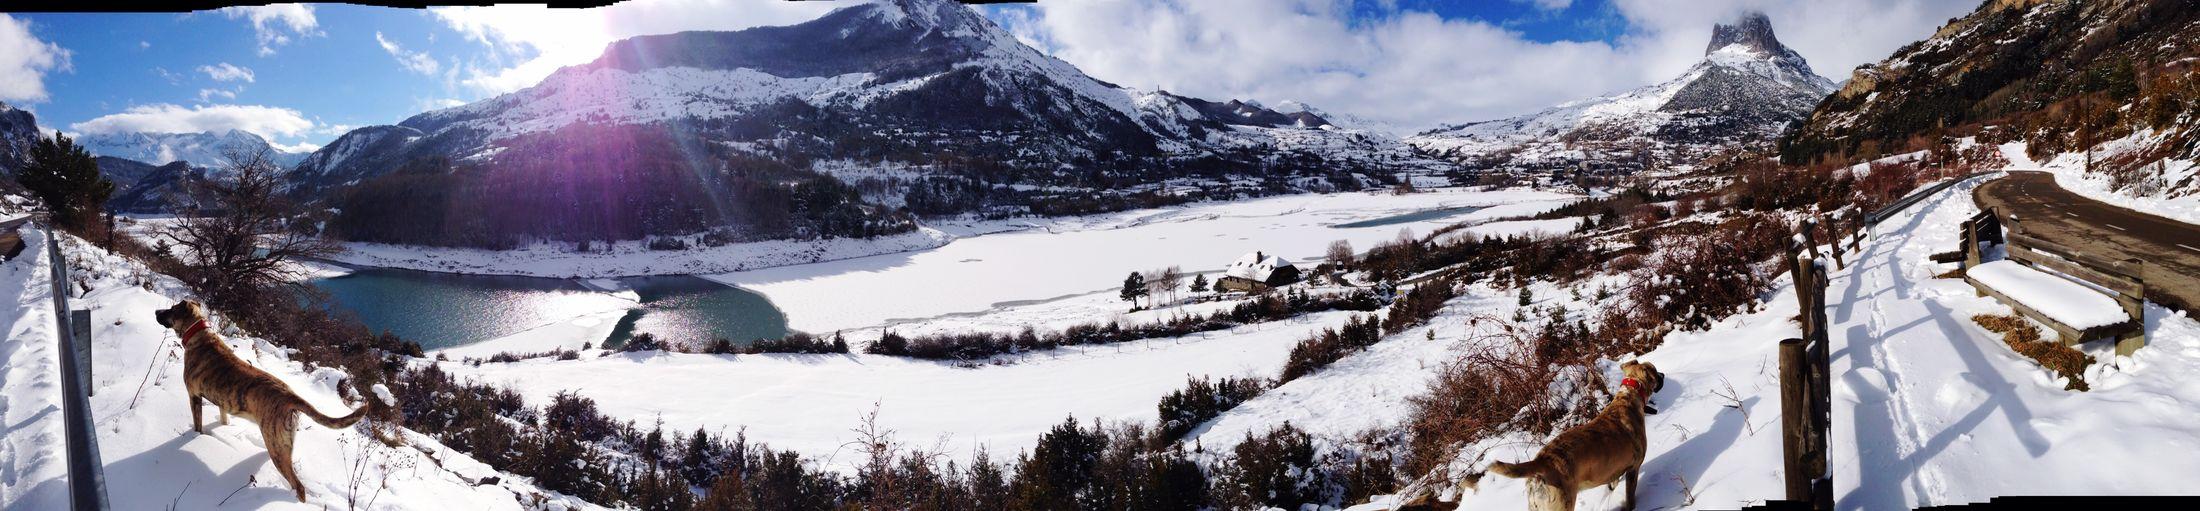 Panorama Panoramic Pirineos Mountains Winterlovers Winter Wintertime Winterishere Snow Cold Winter ❄⛄